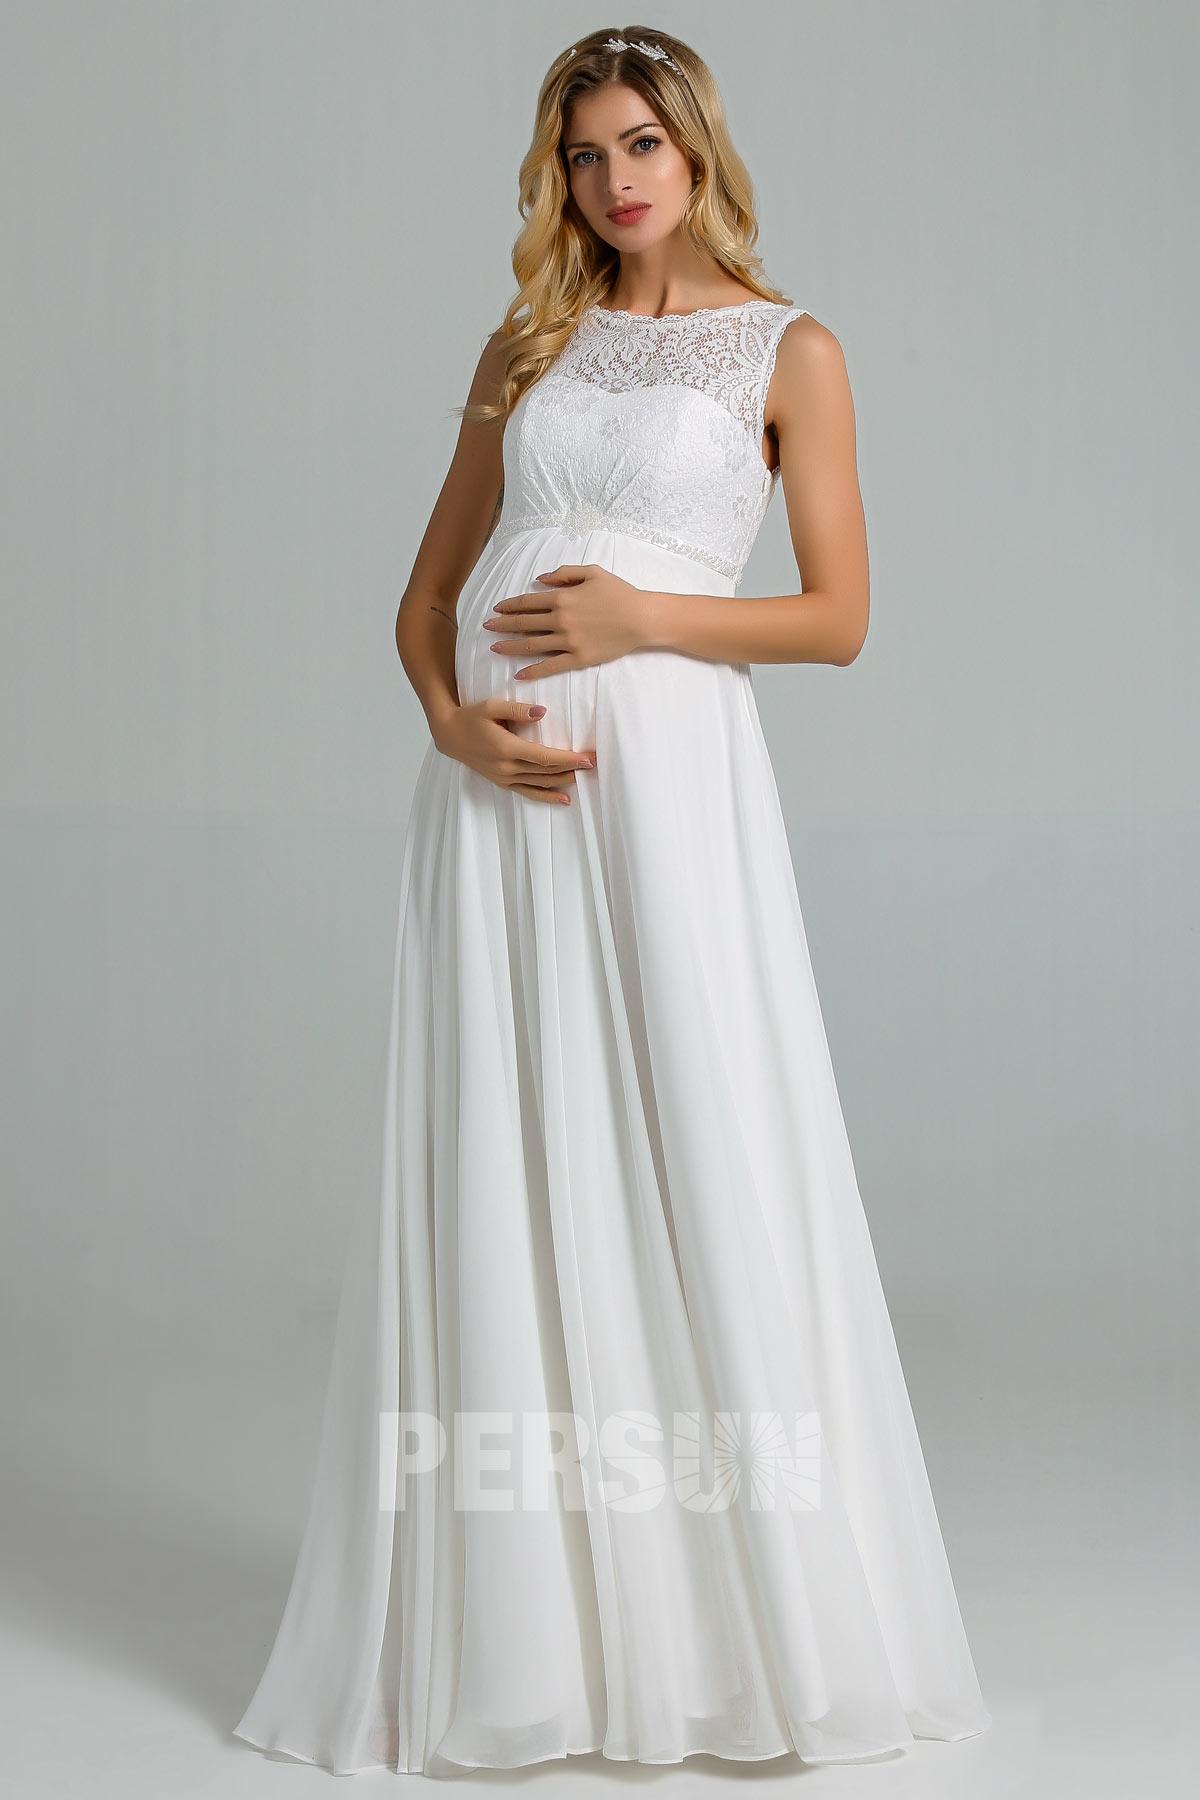 robe de mariage empire pour femme enceinte à encolure bateau feston